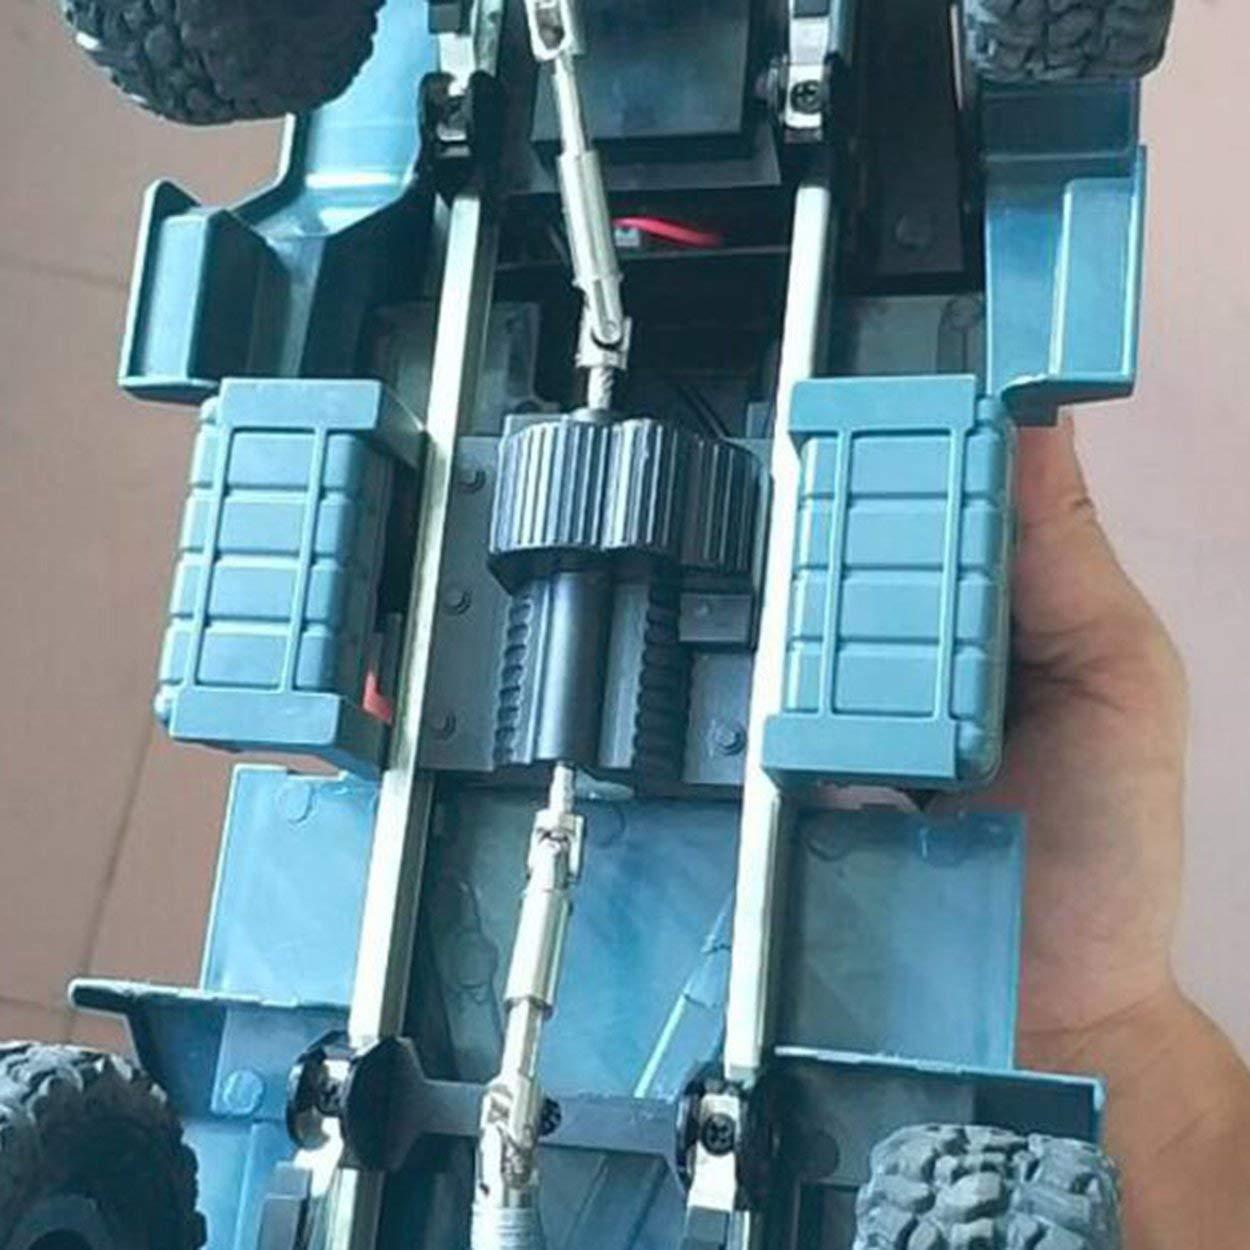 Lorenlli Junta de Eje de transmisi/ón de Metal CVD 90-115mm para 1//10 Escala RC Oruga SCX10 RC4WD D90 Cross Axial CC01 Truck Fit Tamiya RC Car Toy Parts